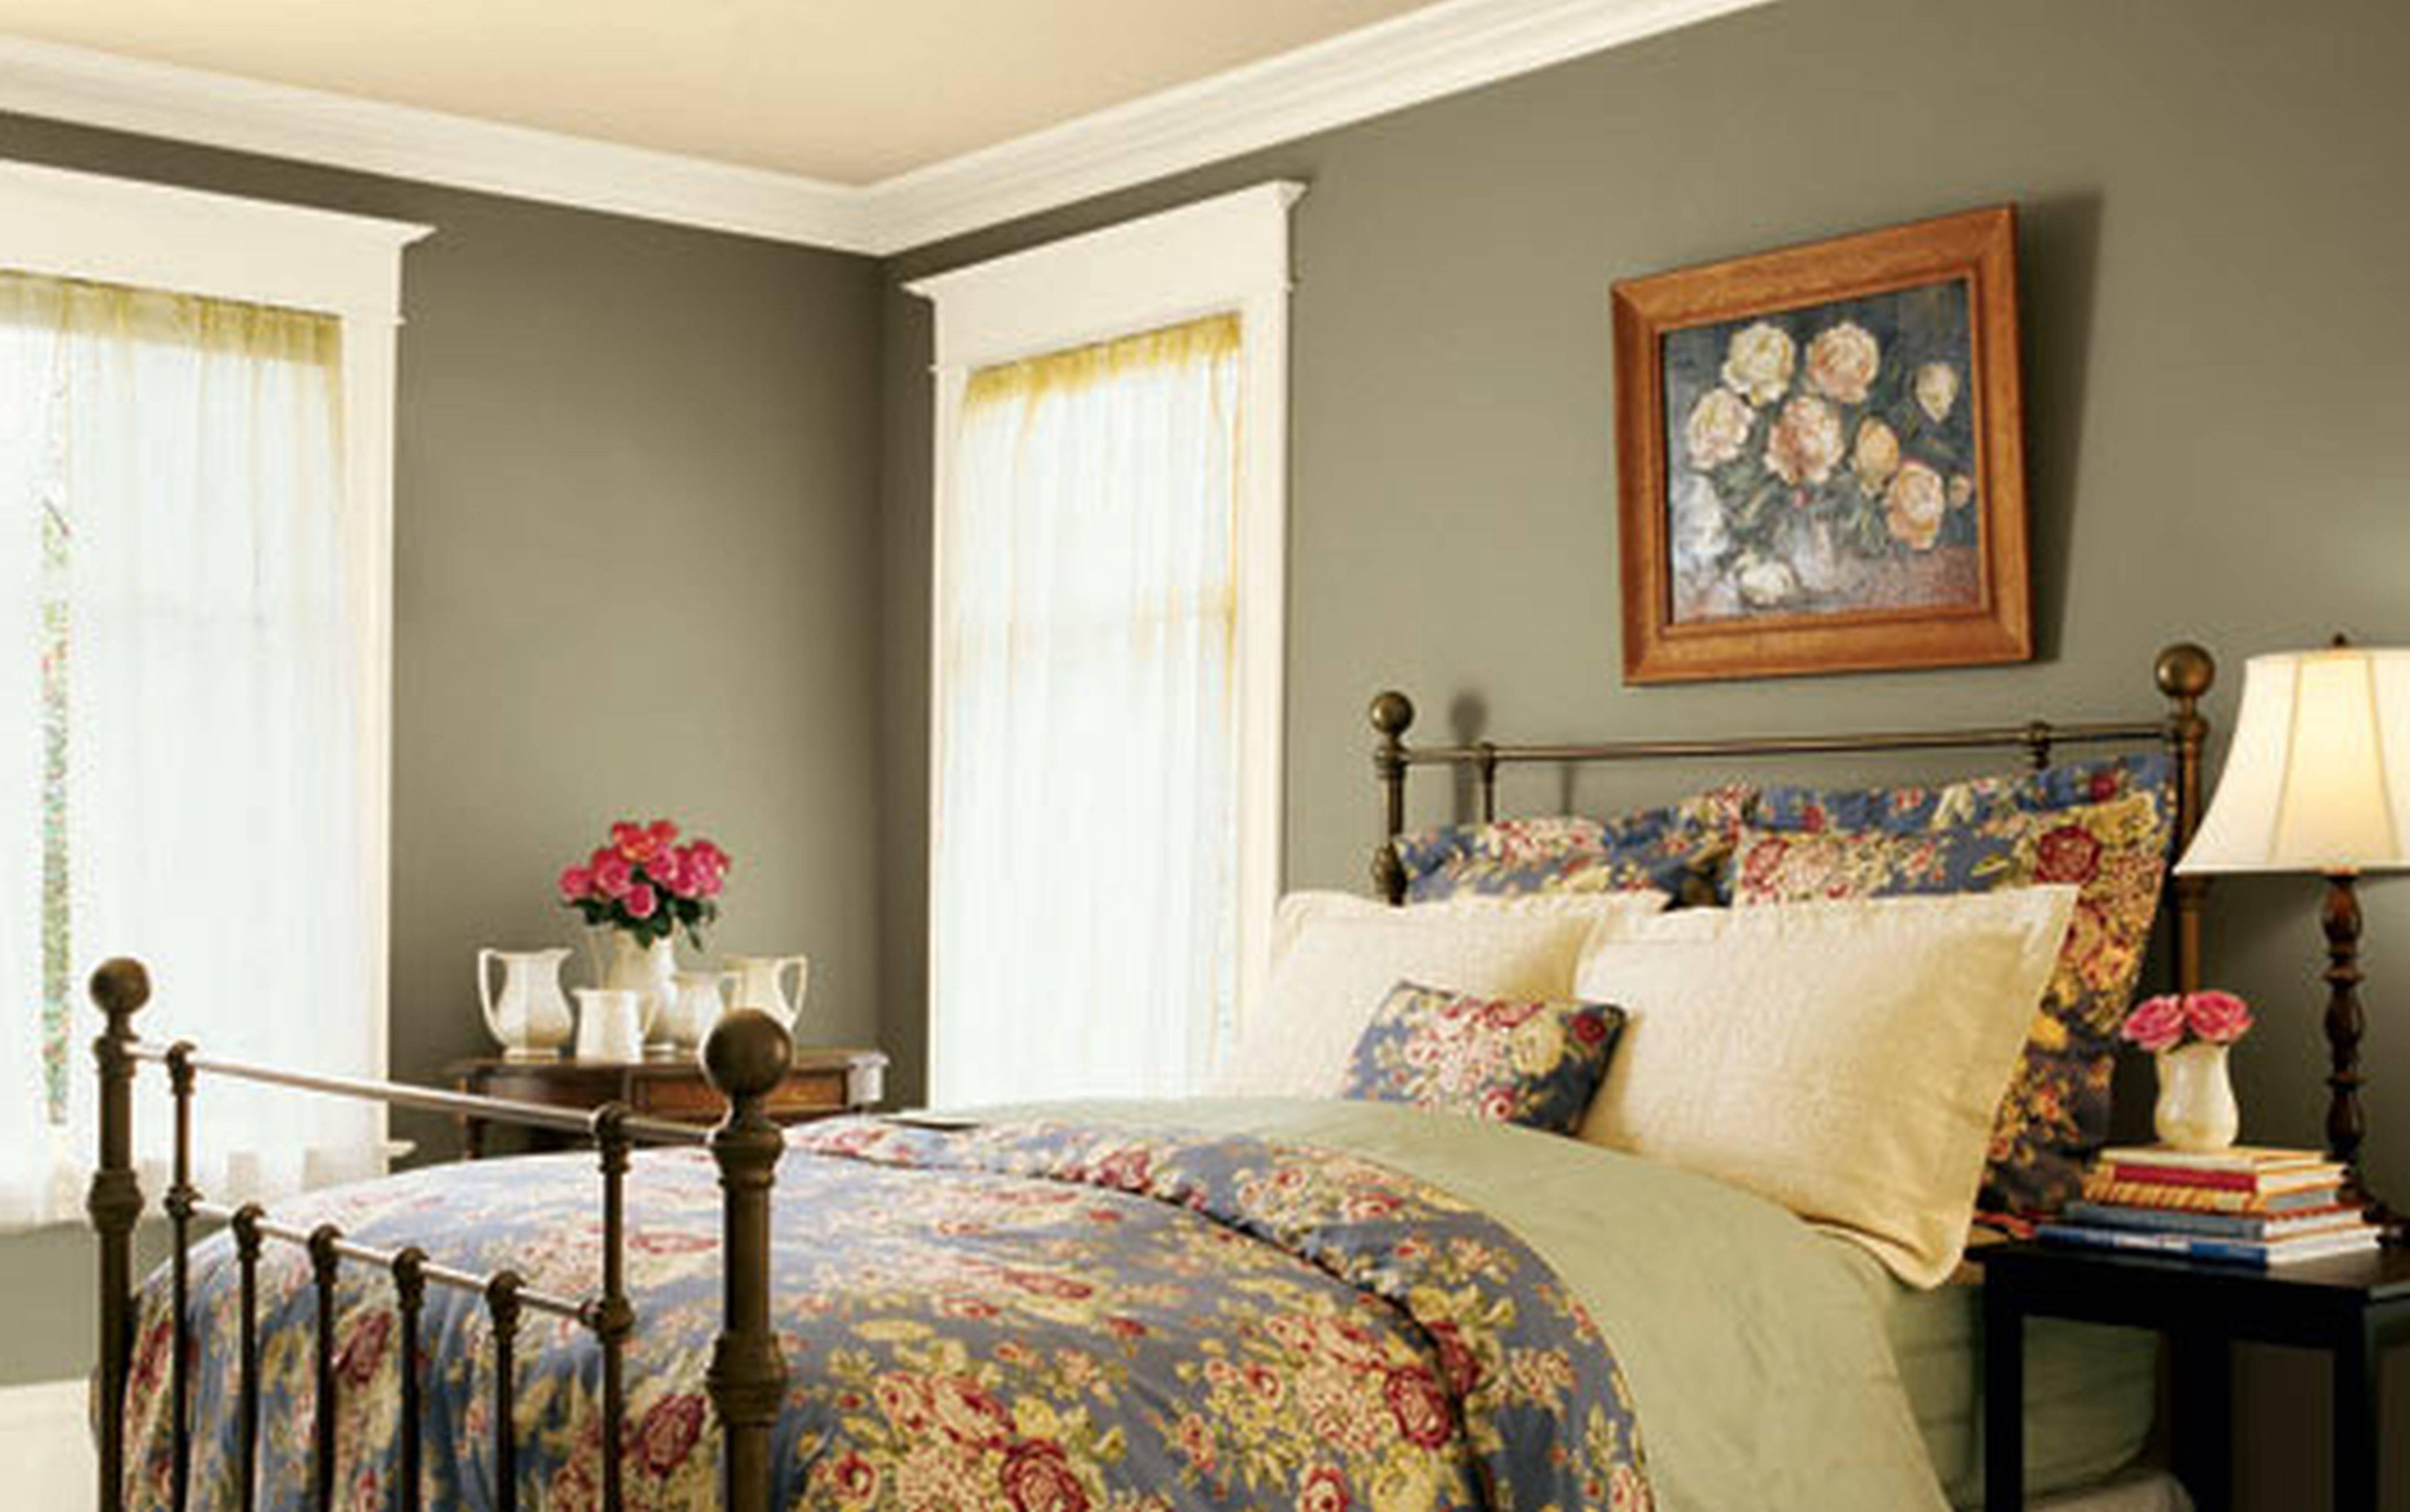 classic bedroom color inspiring bedroom ideas amazing kids bedroom